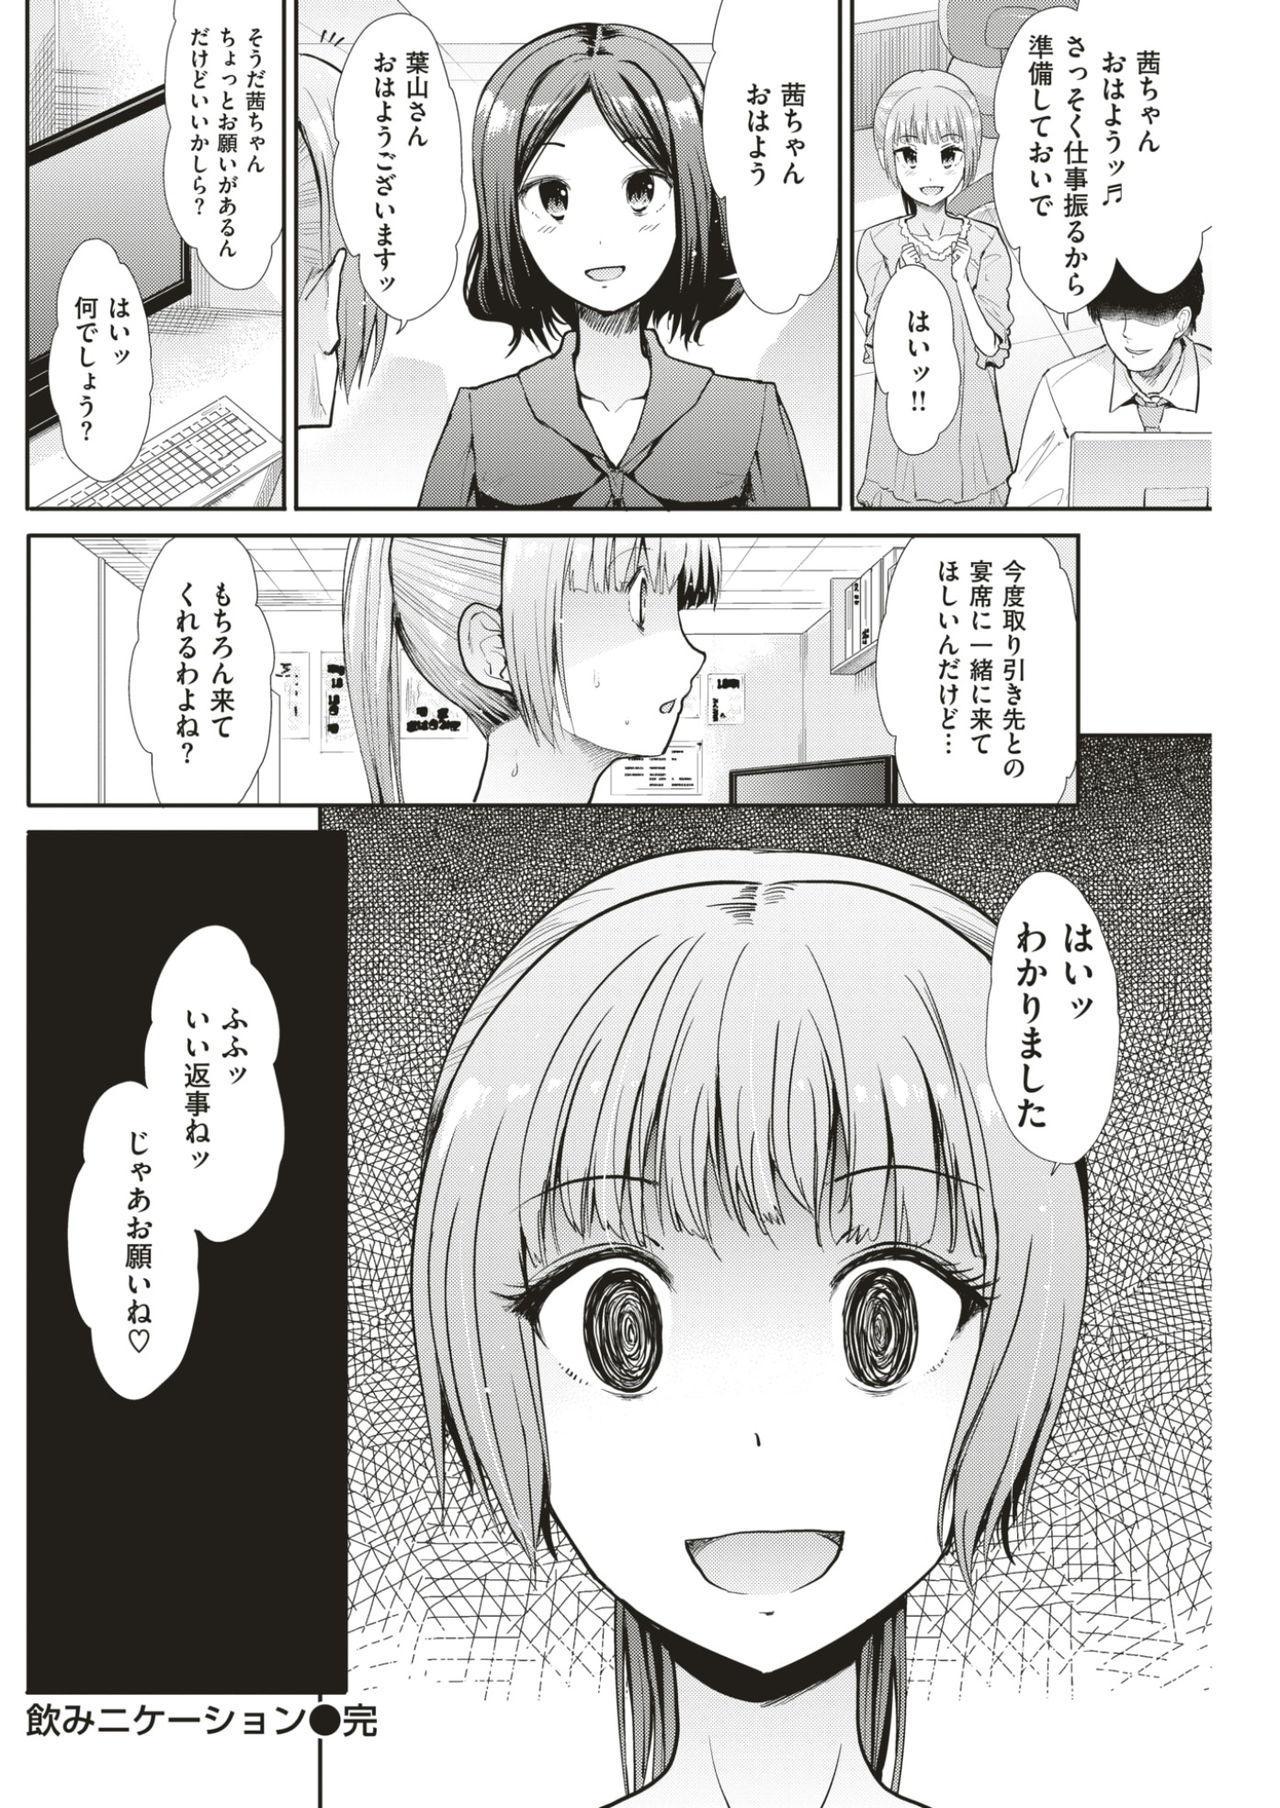 COMIC Kairakuten BEAST 2017-03 166